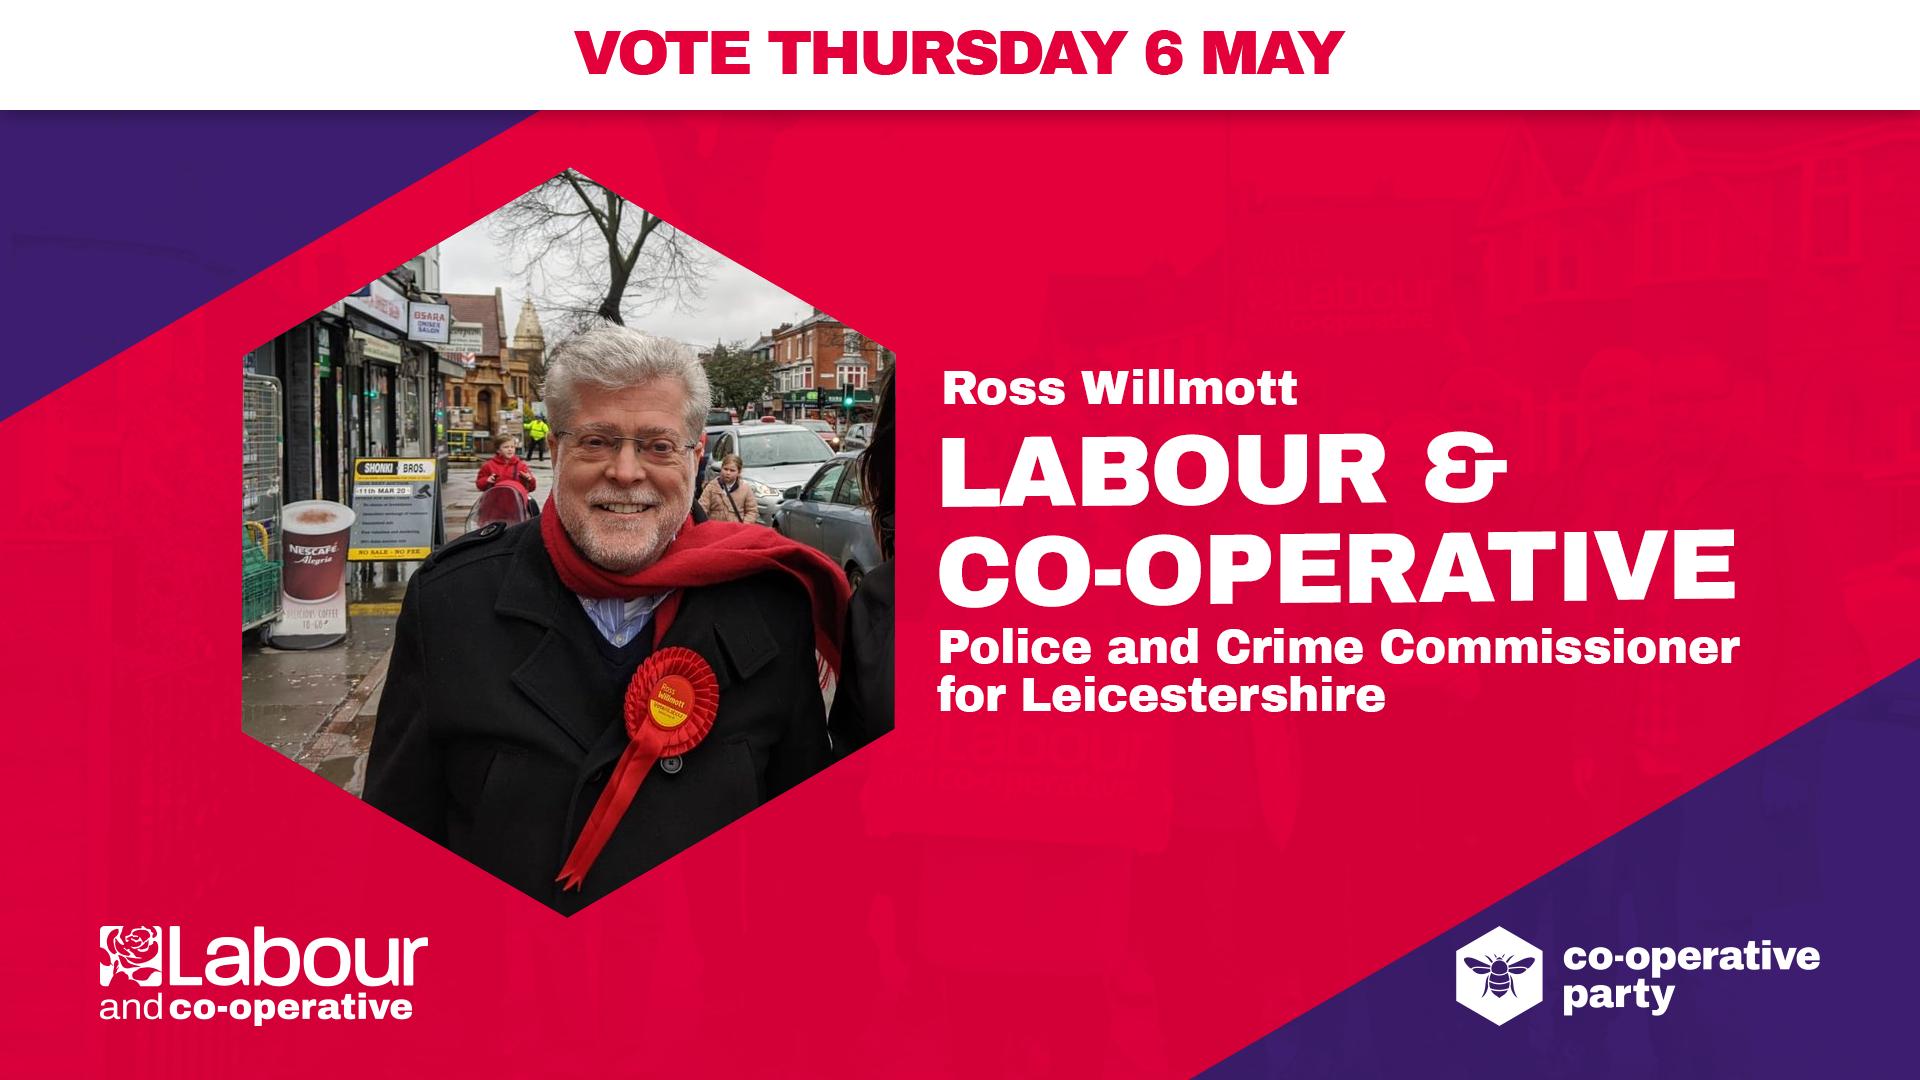 Ross Willmott